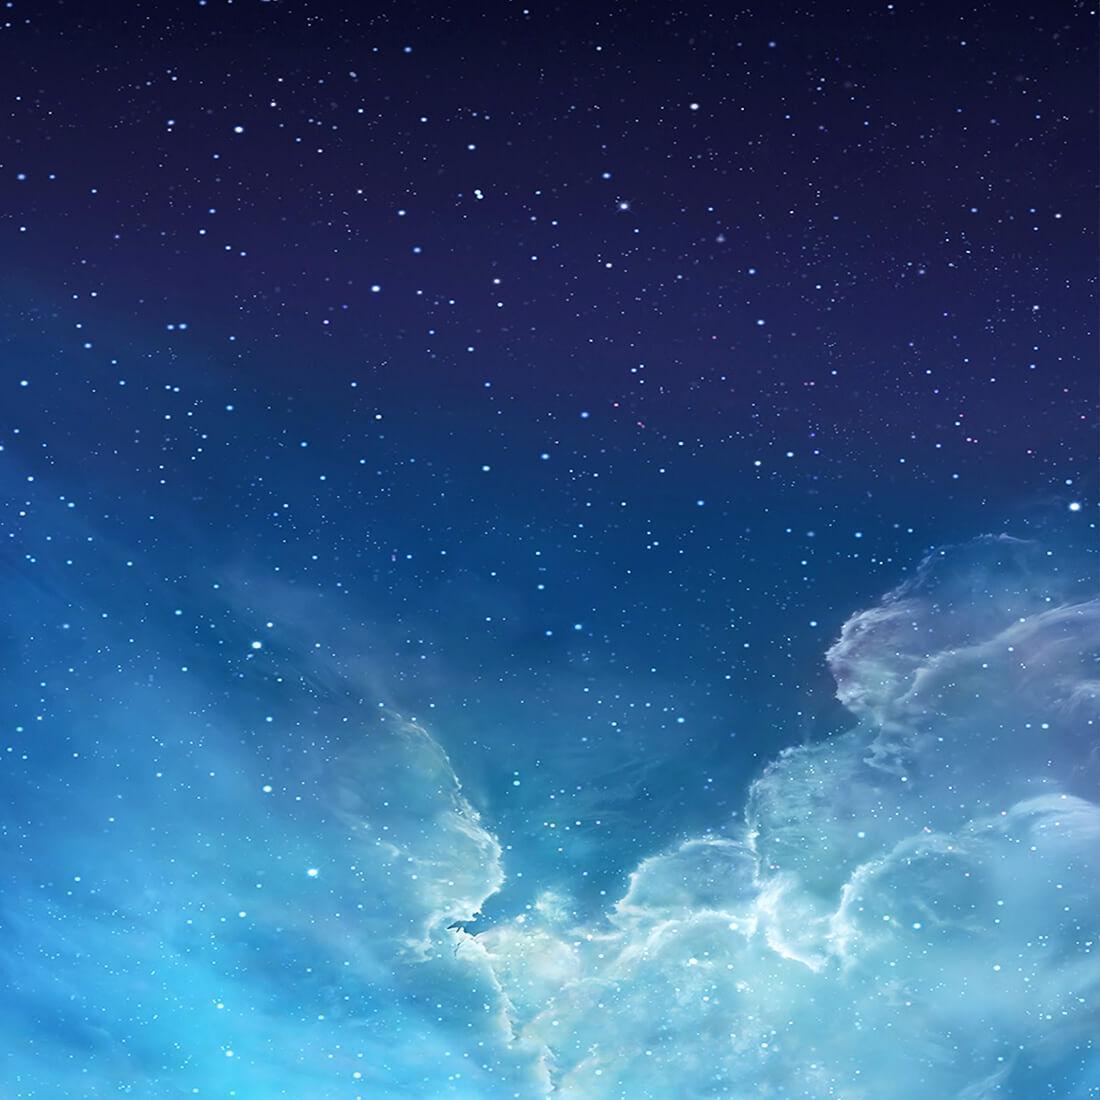 Android 用の 星ライブ壁紙 Apk をダウンロード